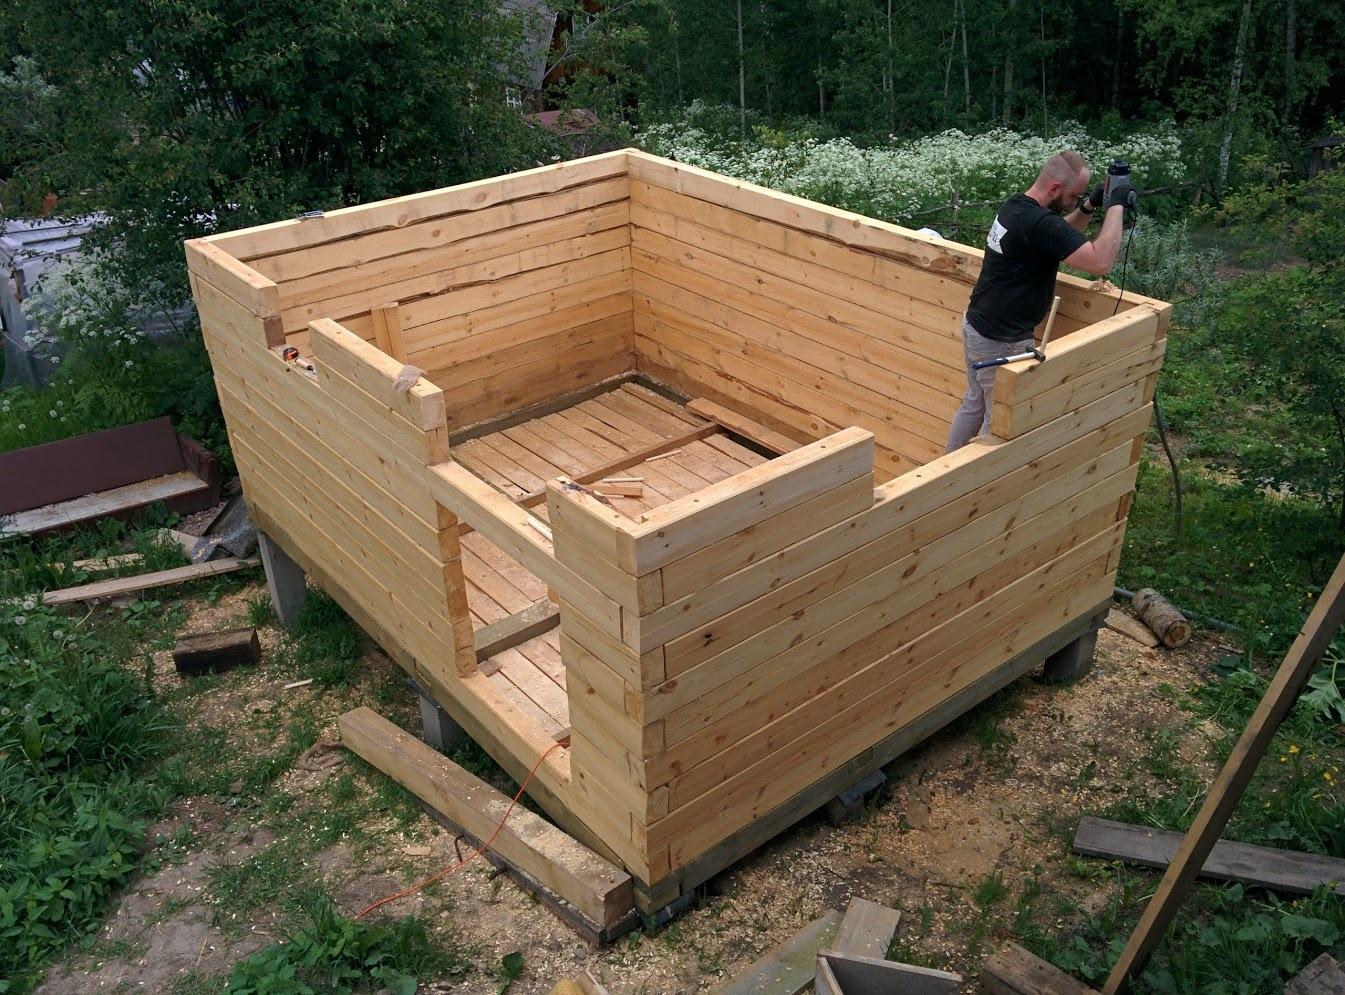 Из чего лучше строить баню: из каких блоков, какого дерева, бруса, леса, материала